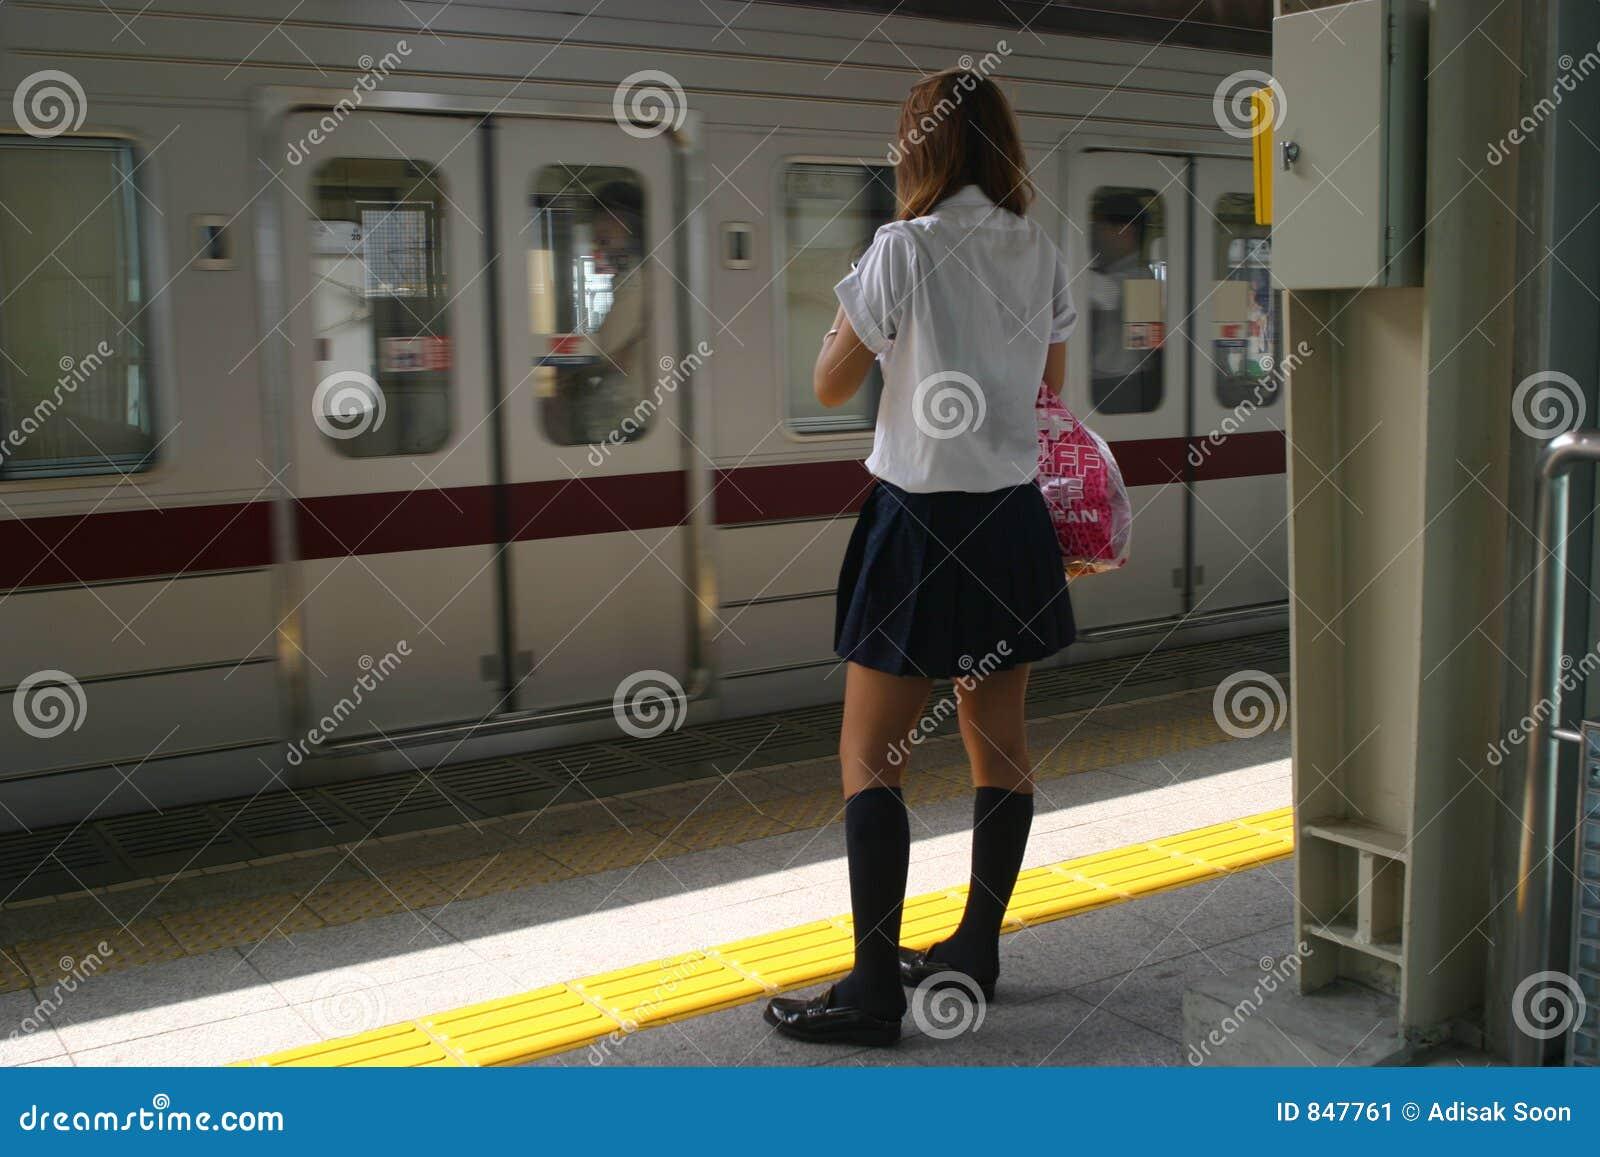 Girl at Tokyo train station